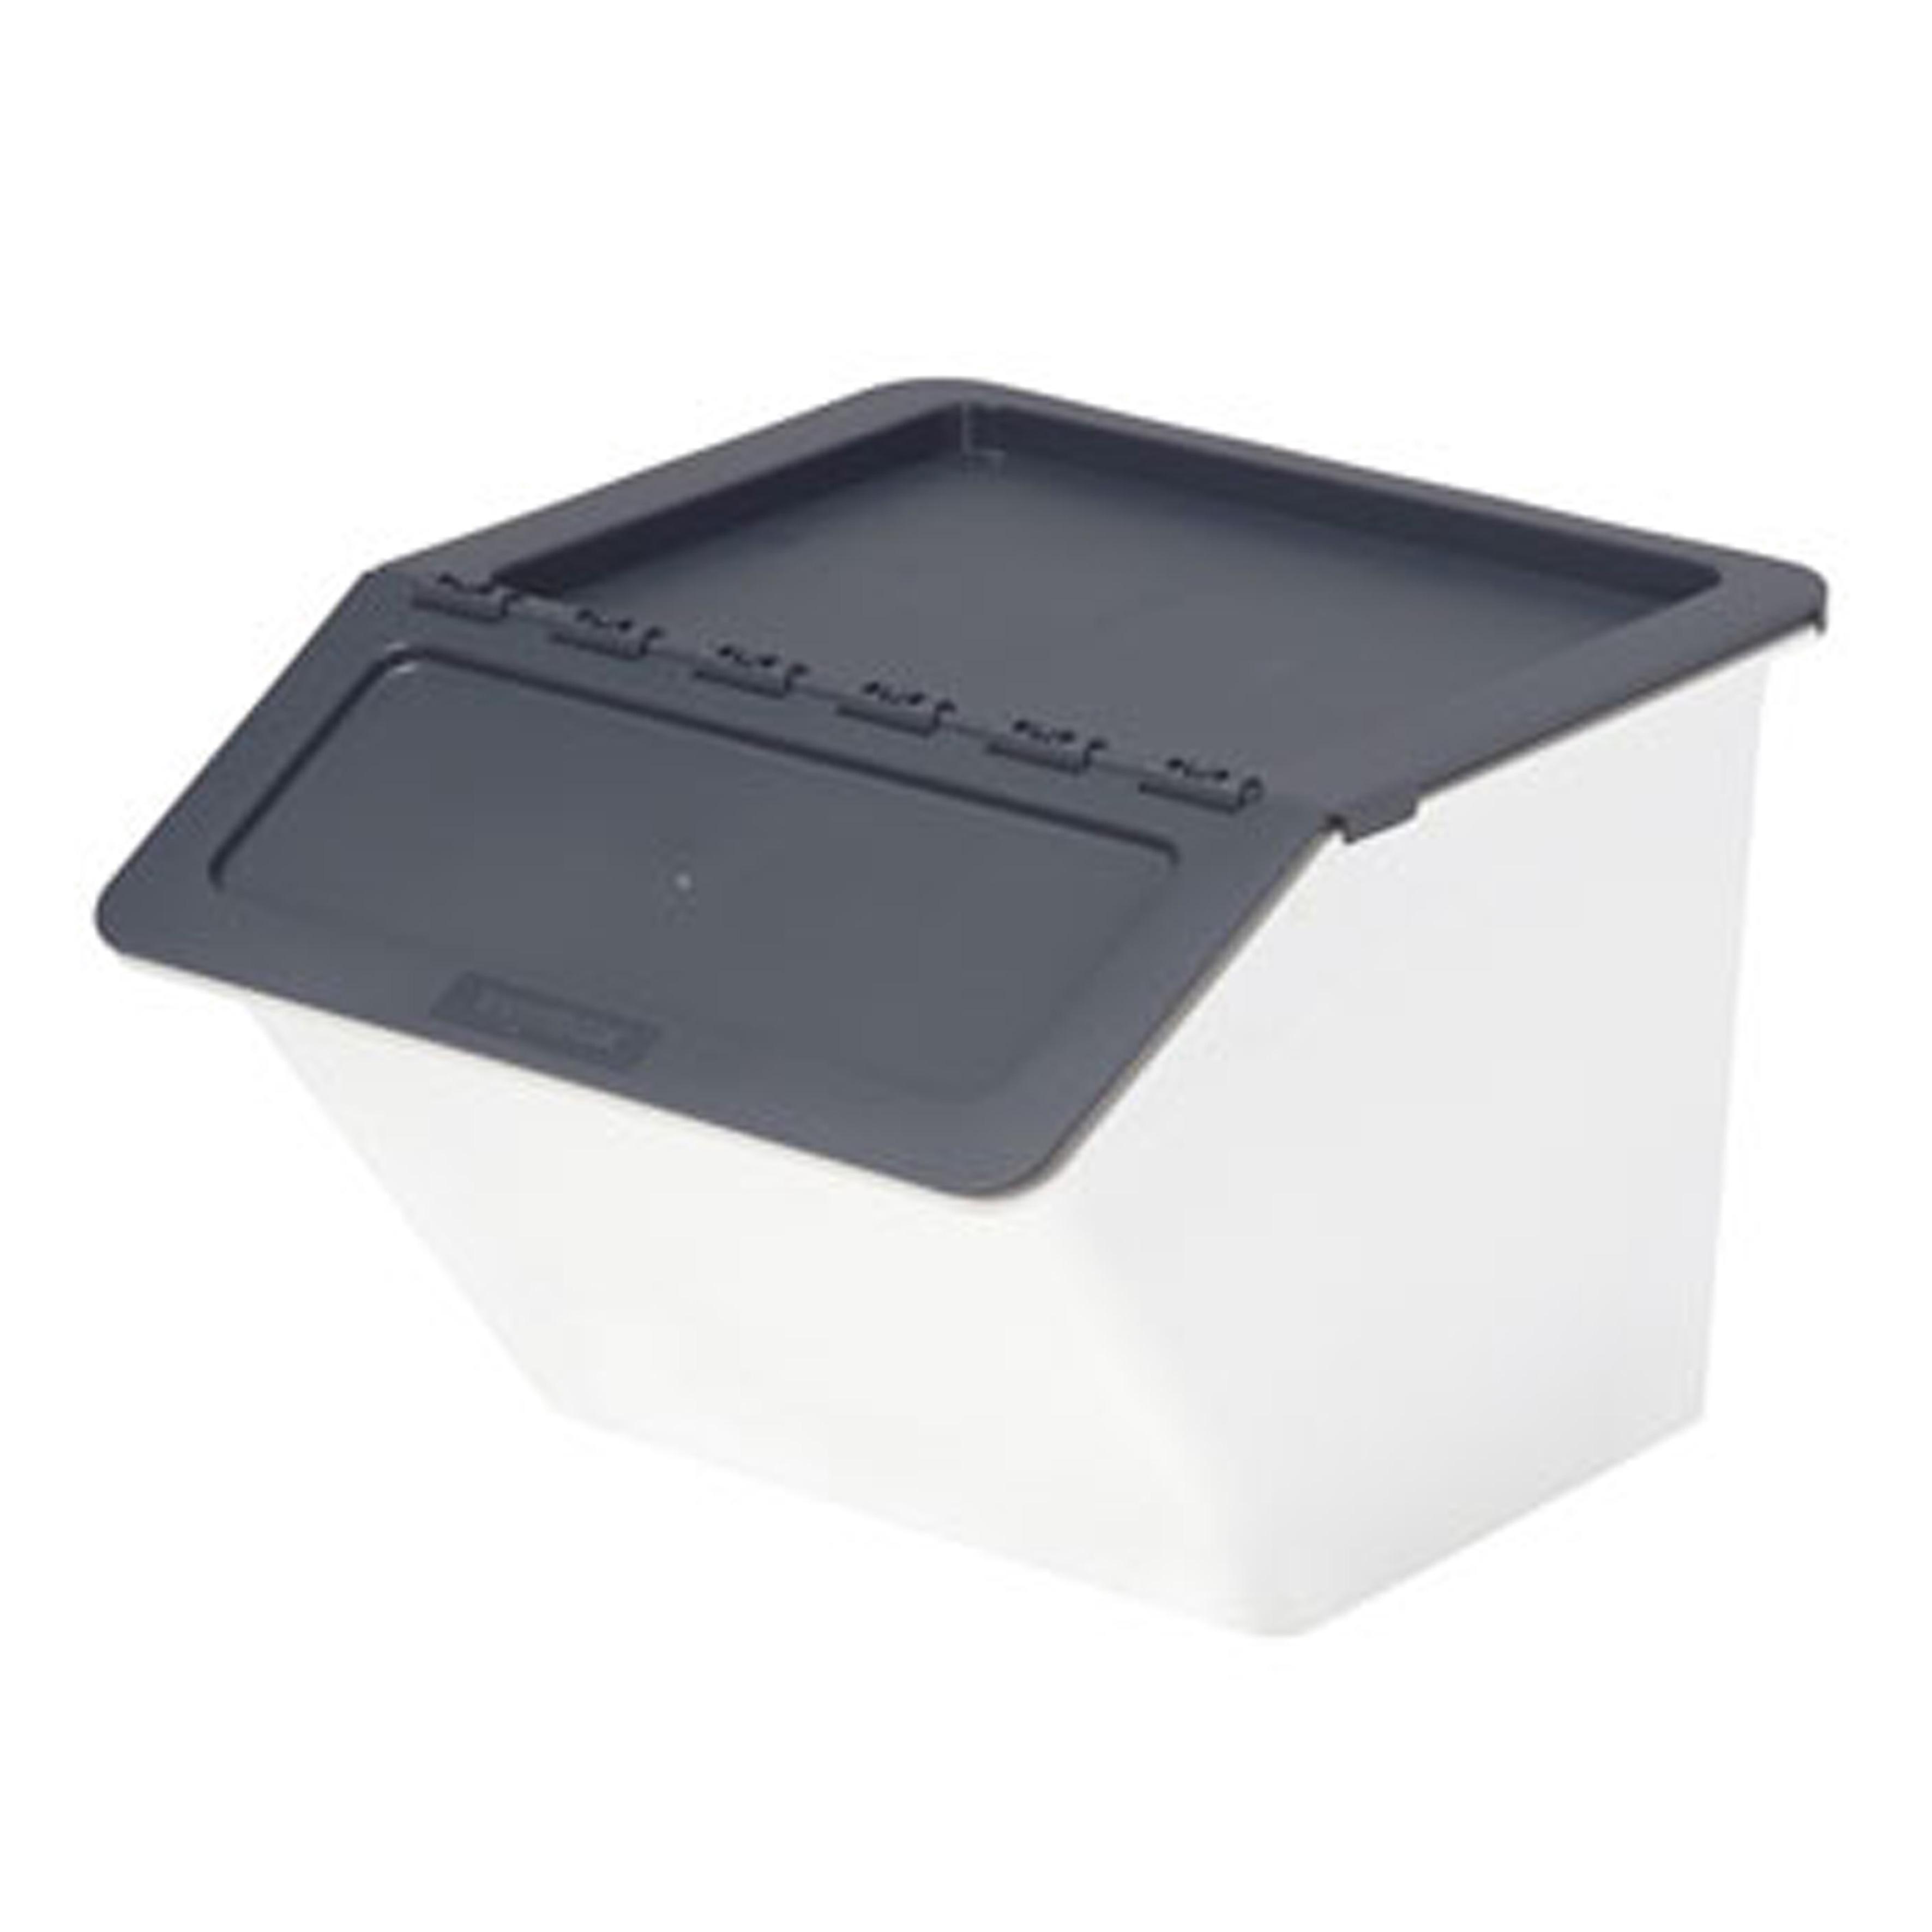 SHUTER 樹德 家用整理箱/收納箱 MHB-3741